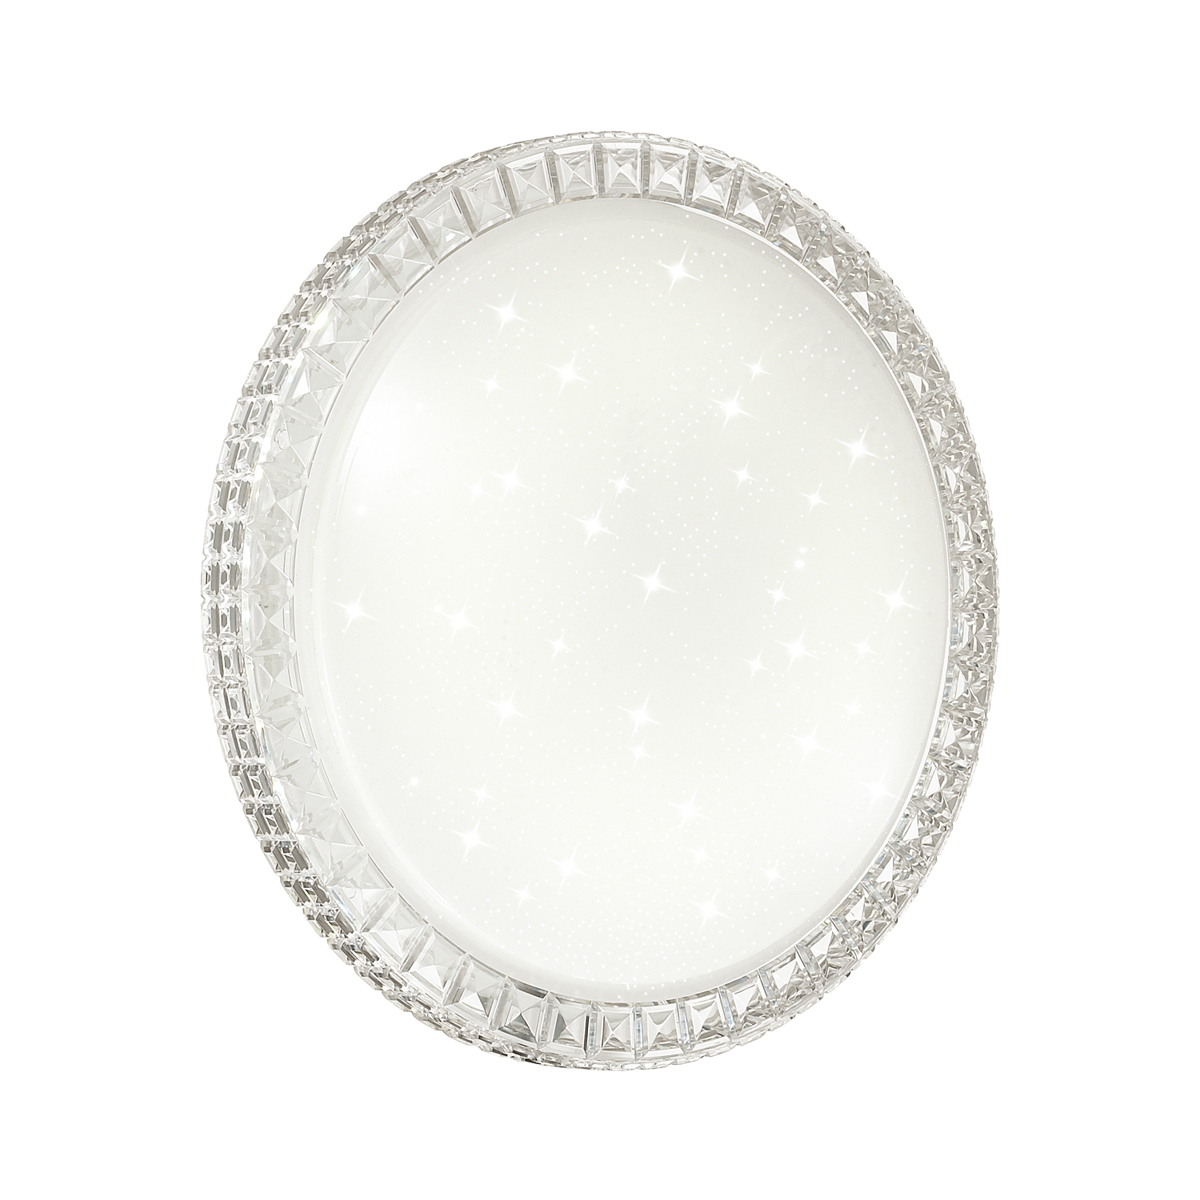 Потолочный светодиодный светильник Sonex Brisa 2036/FL, IP43, LED 90W 6500lm, белый, металл, пластик - фото 2